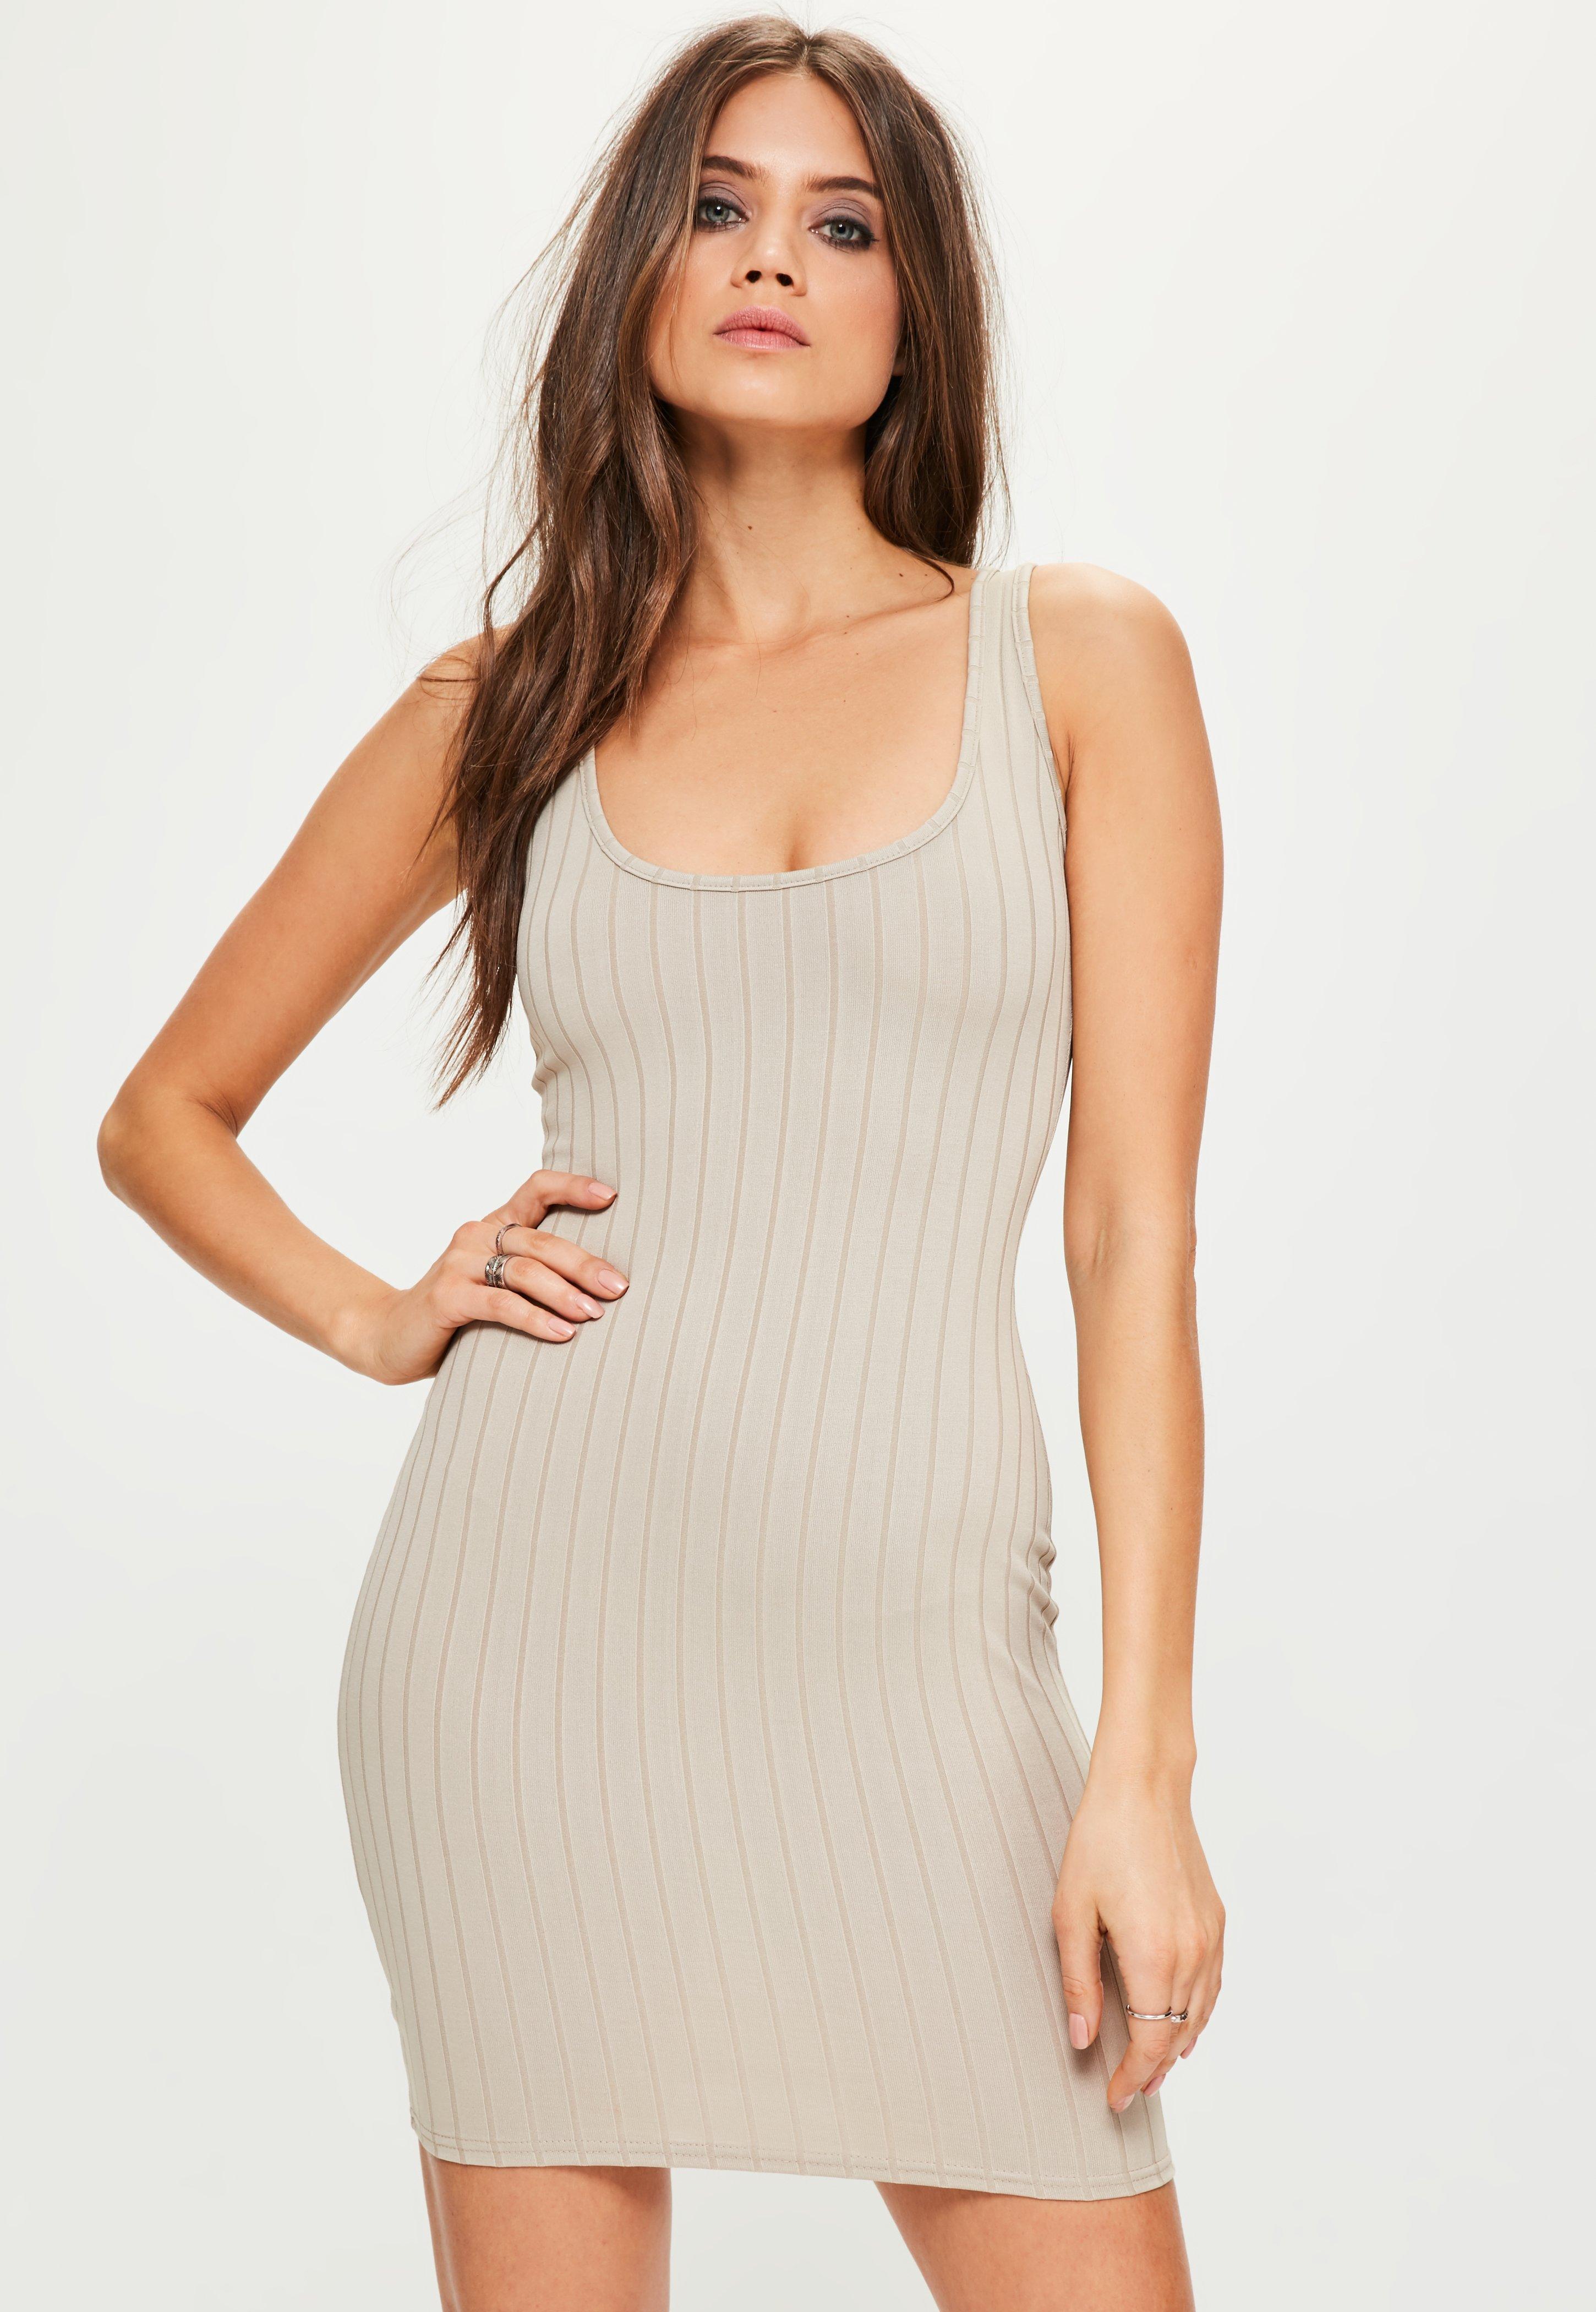 Nude Square Neck Ribbed Bodycon Mini Dress